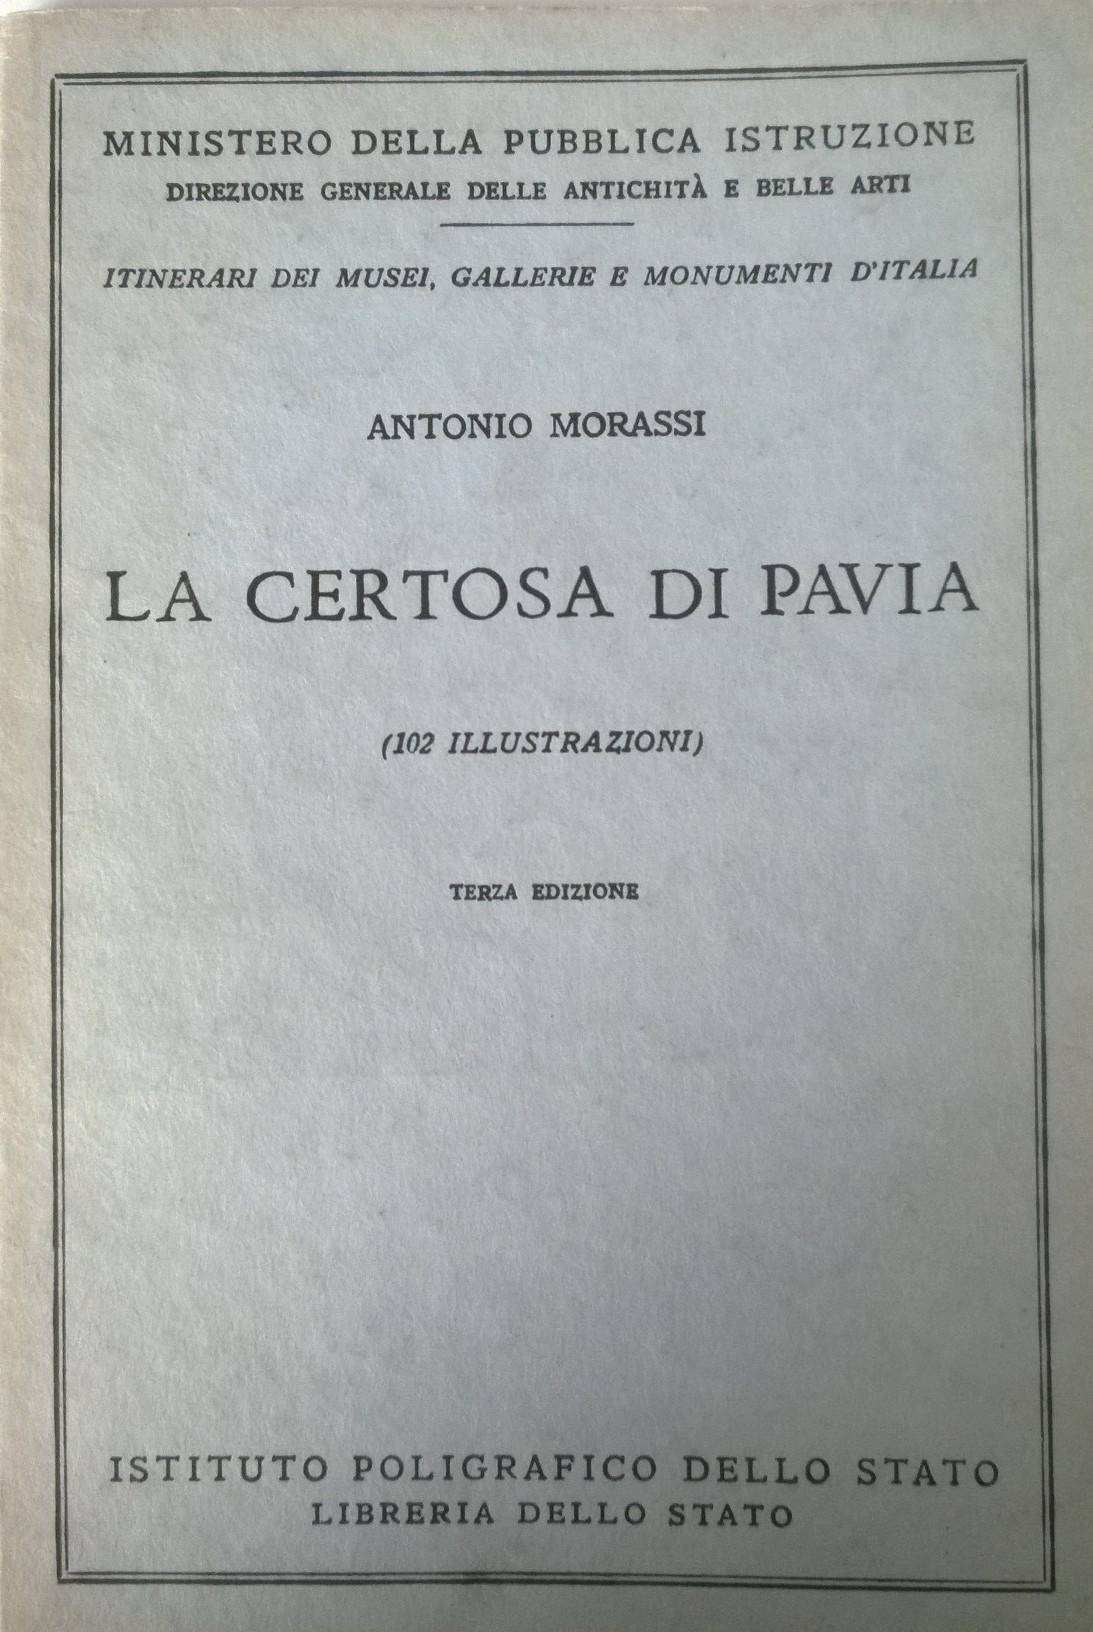 La Certosa di Pavia